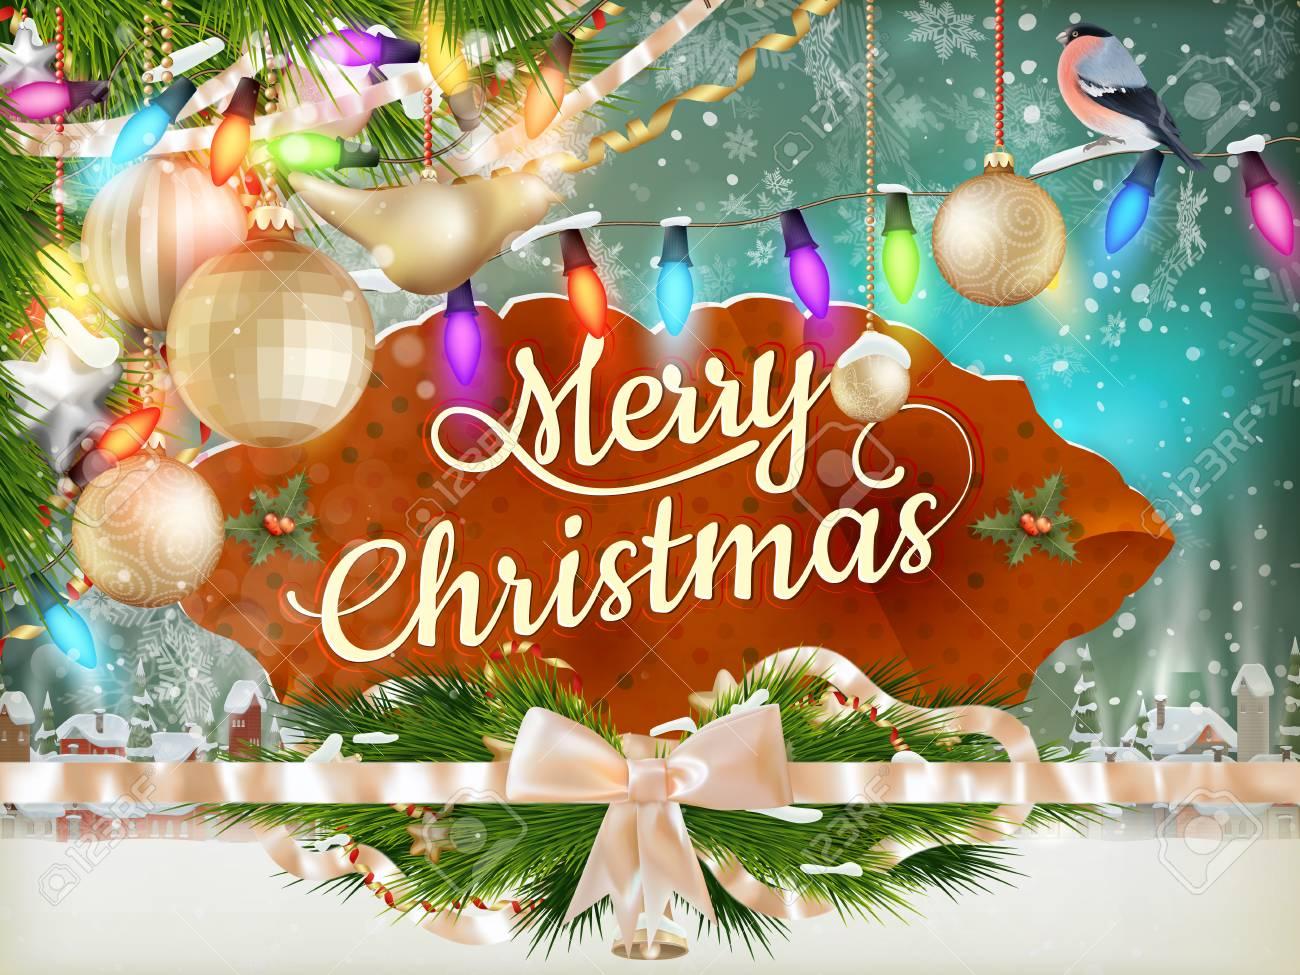 Weihnachts-Grußkarte Licht Und Schneeflocken Hintergrund. Frohe ...